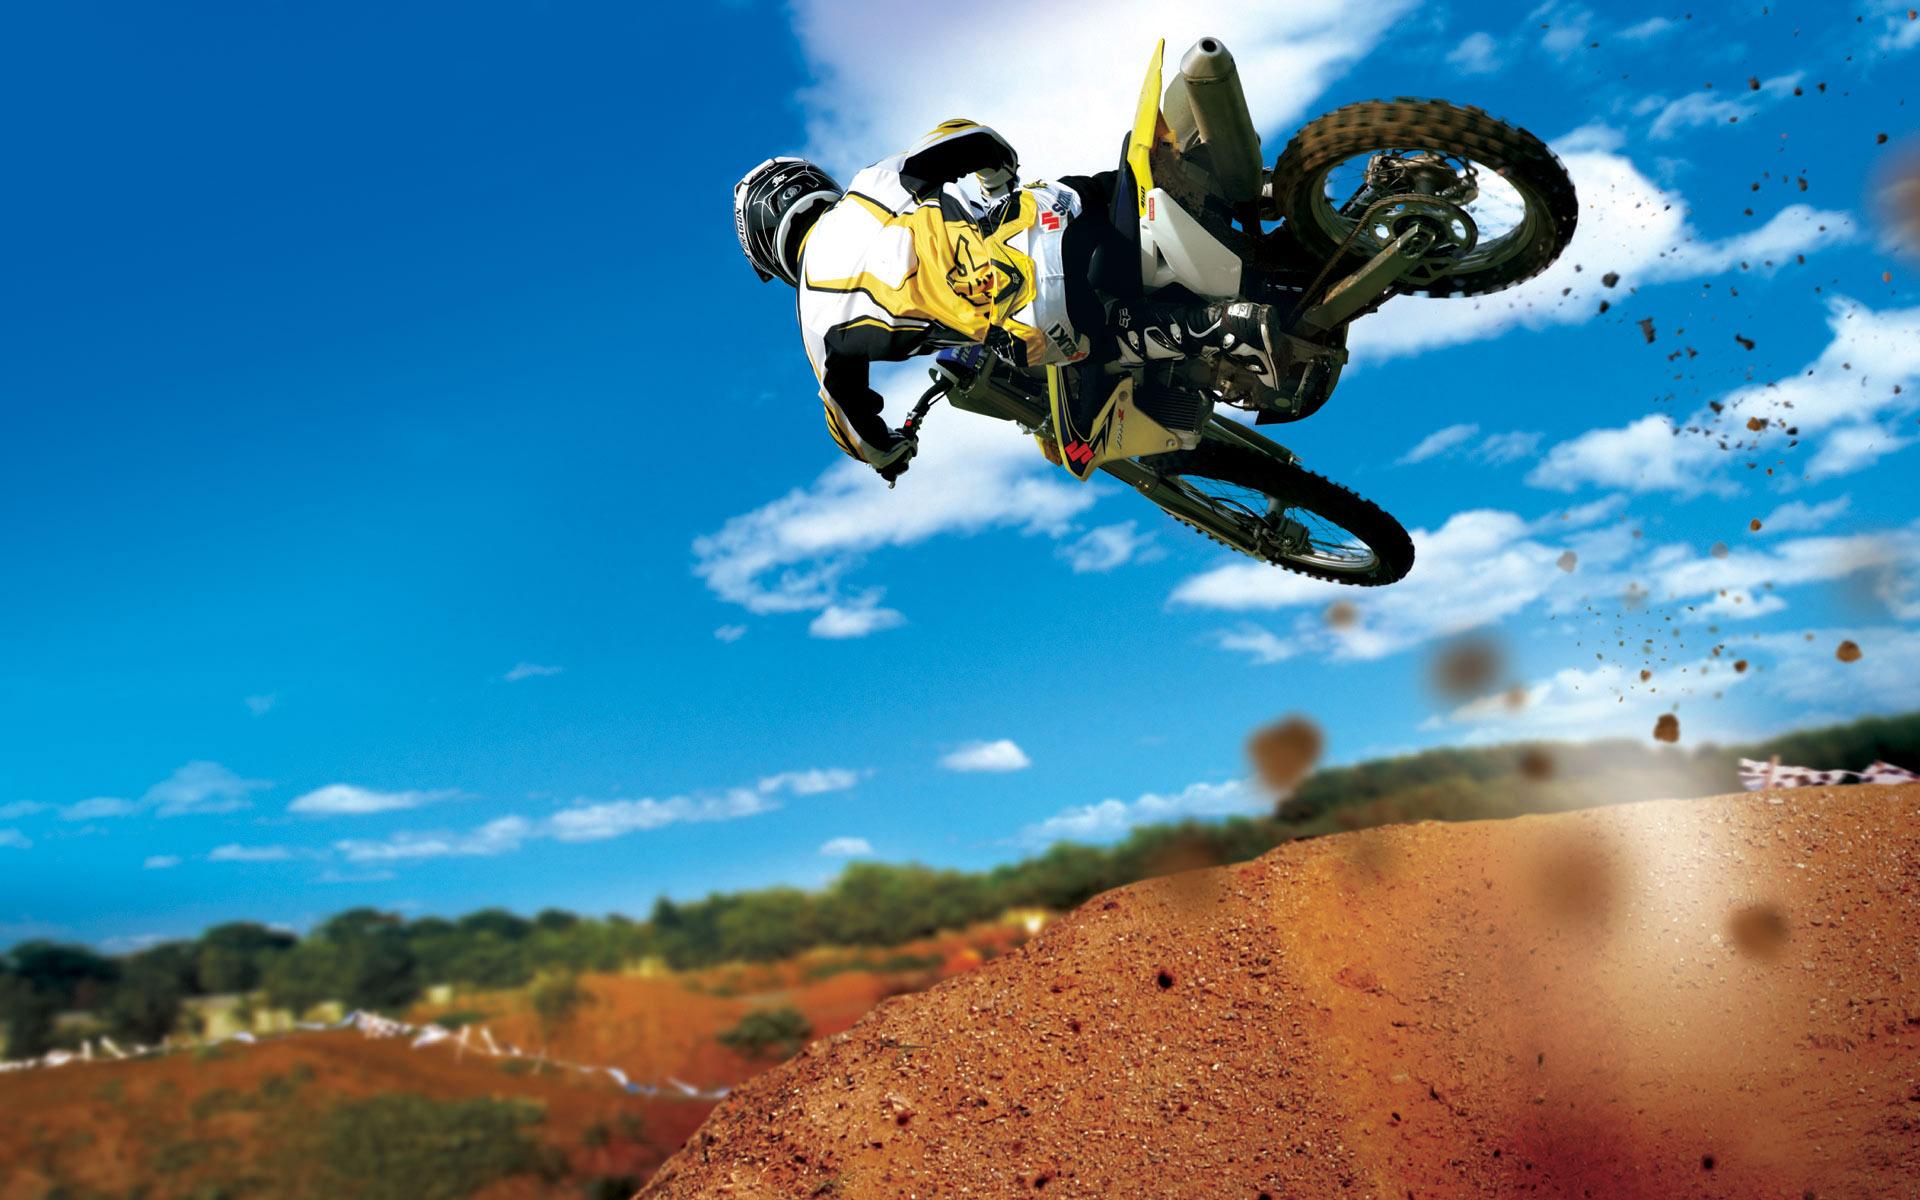 Скачать картинки мотоциклов с